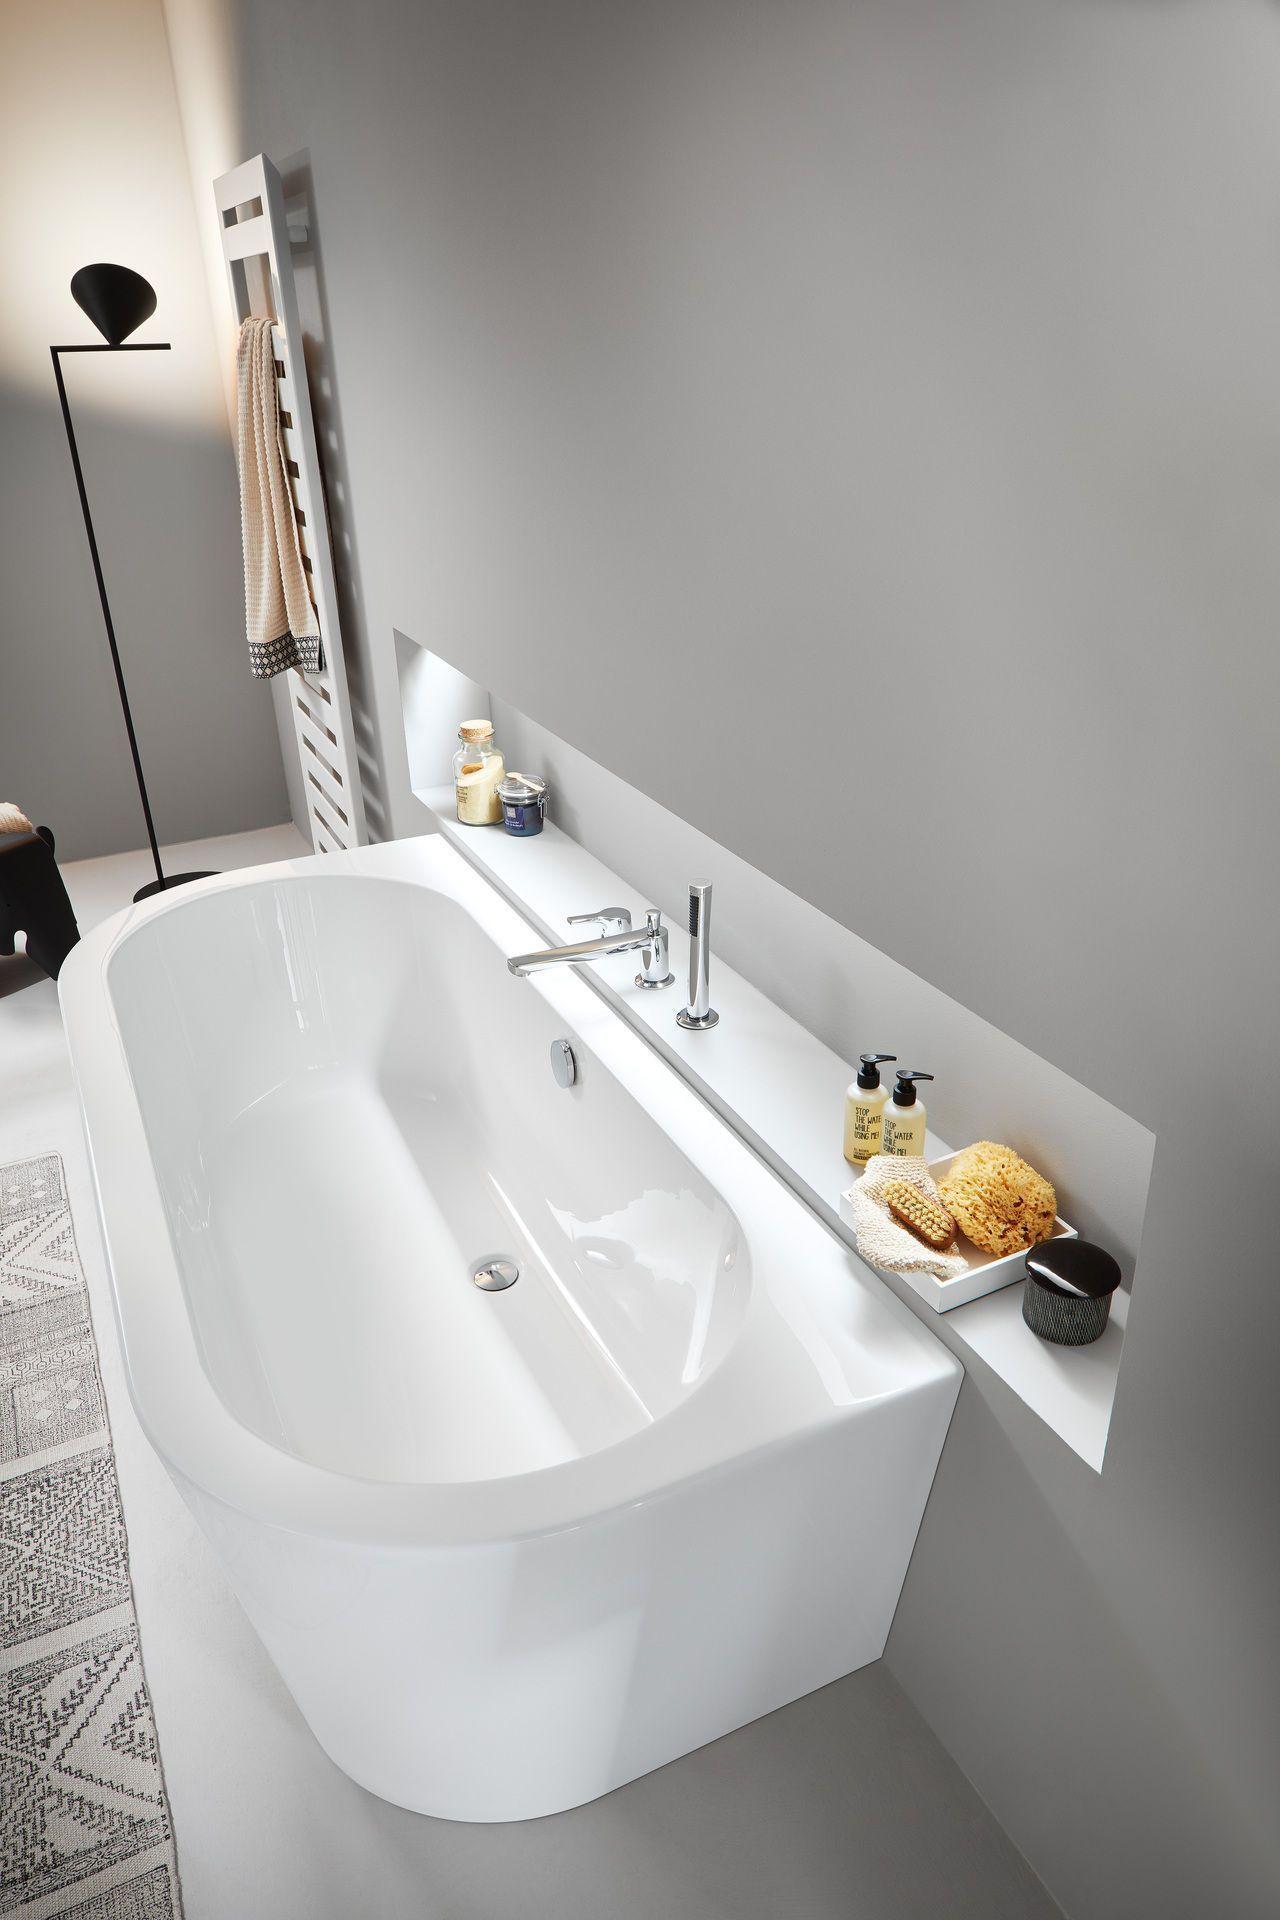 Diydekorationenbadezimmer Dekorationenbadezimmer Dekorbadezimmer Dekorbadezimmerideen Homedecor In 2020 Badewanne Badezimmer Freistehende Wanne